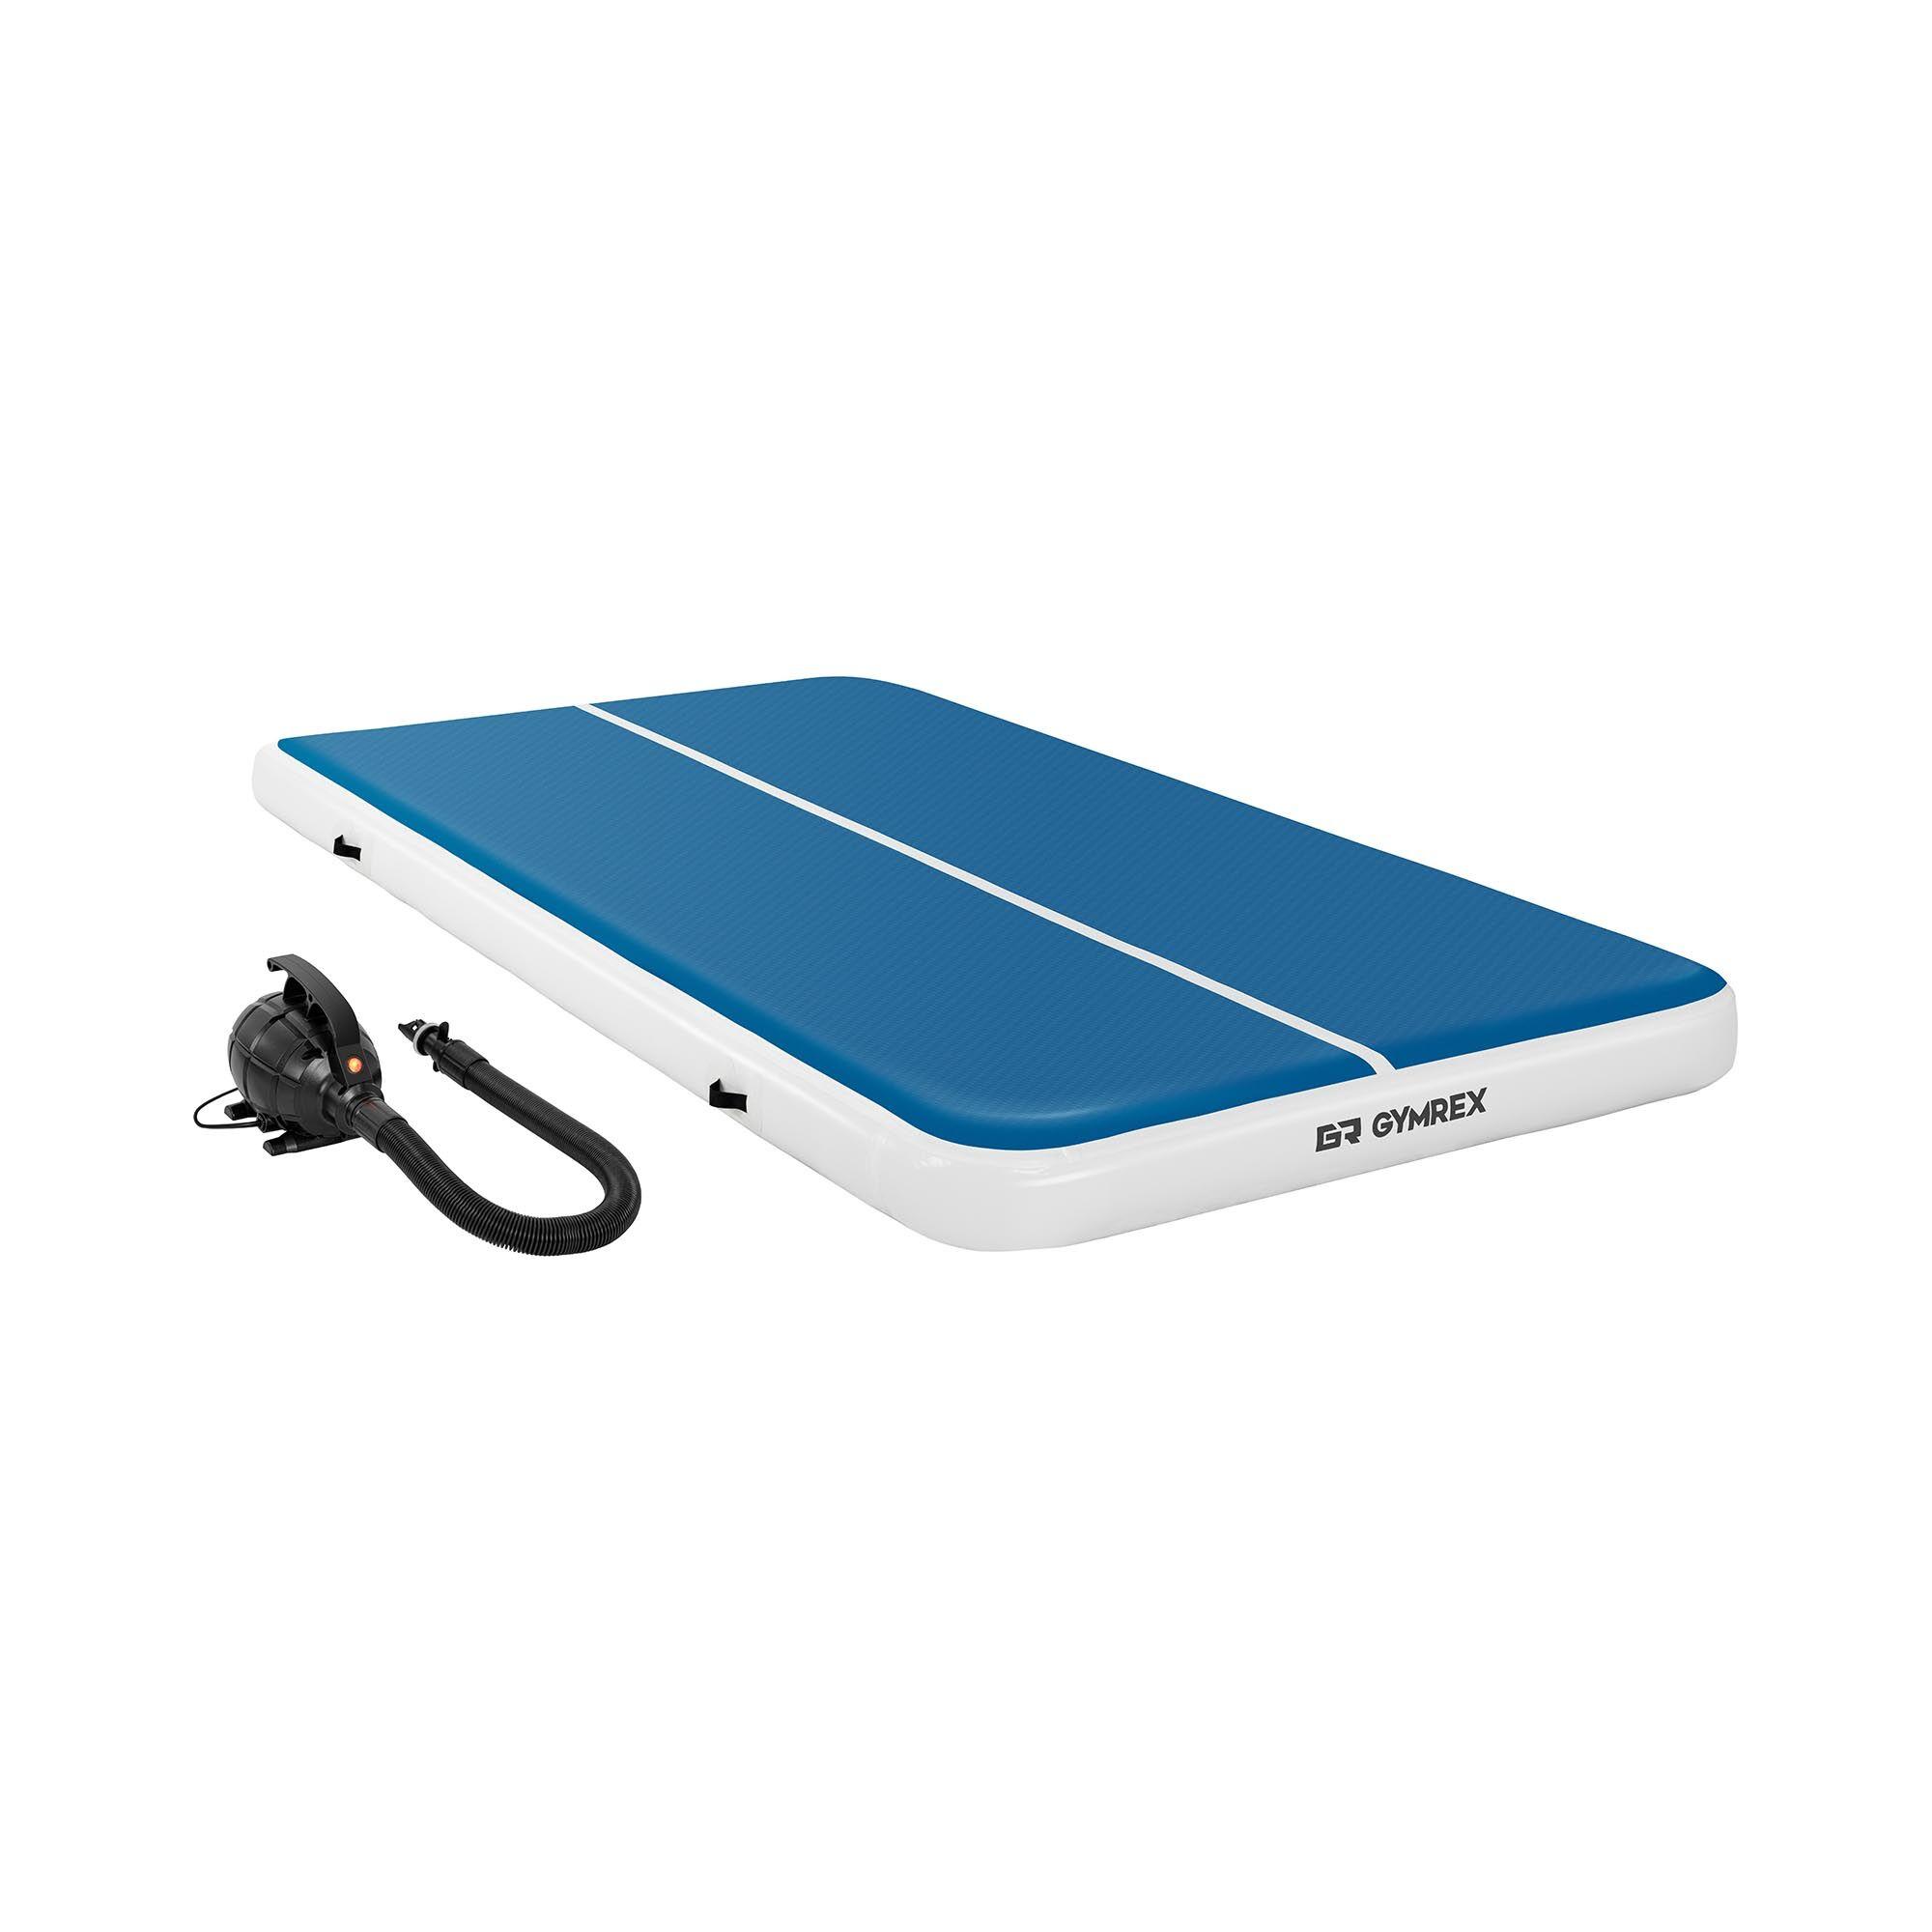 Gymrex Air track avec gonfleur électrique - 300 x 200 x 20 cm - 300 kg - Bleu/blanc GR-ATM8-SET